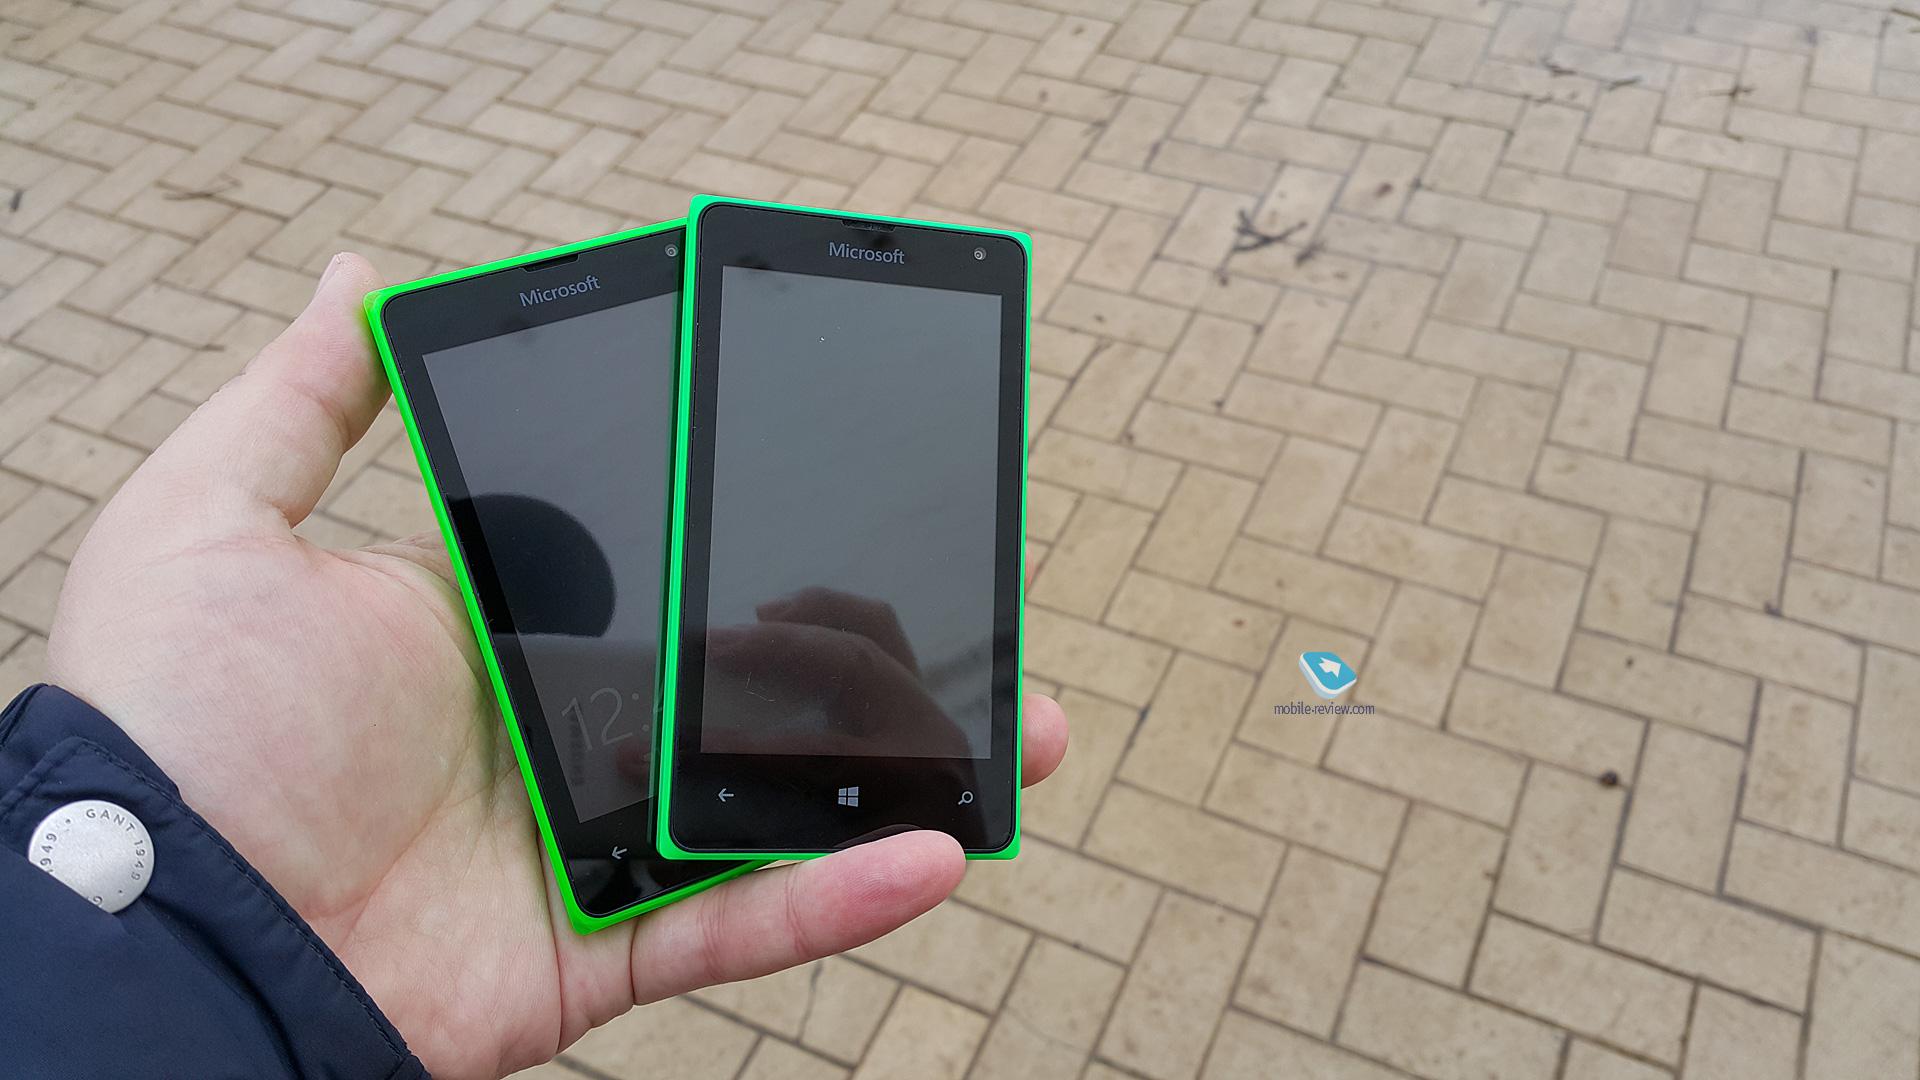 инструкция для телефона нокия лумія 520